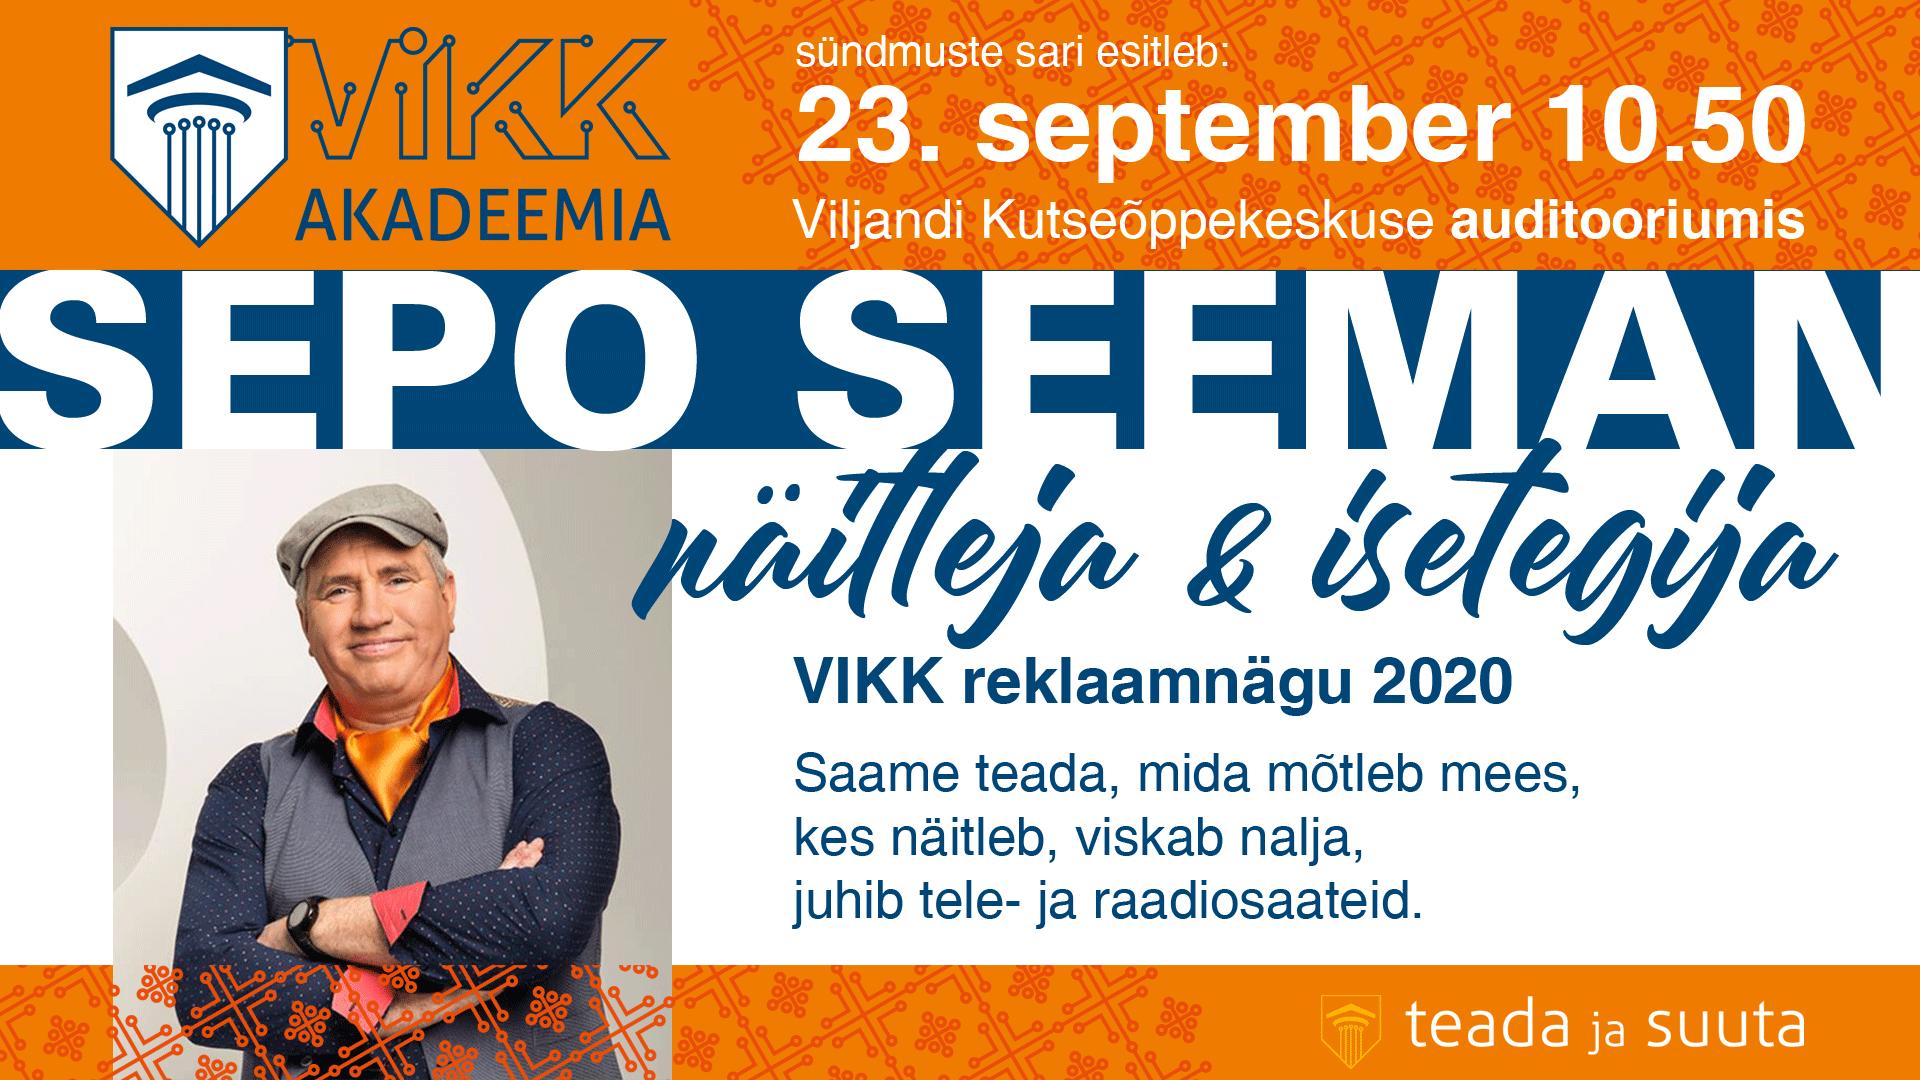 Sepo Seeman VIKK akadeemias